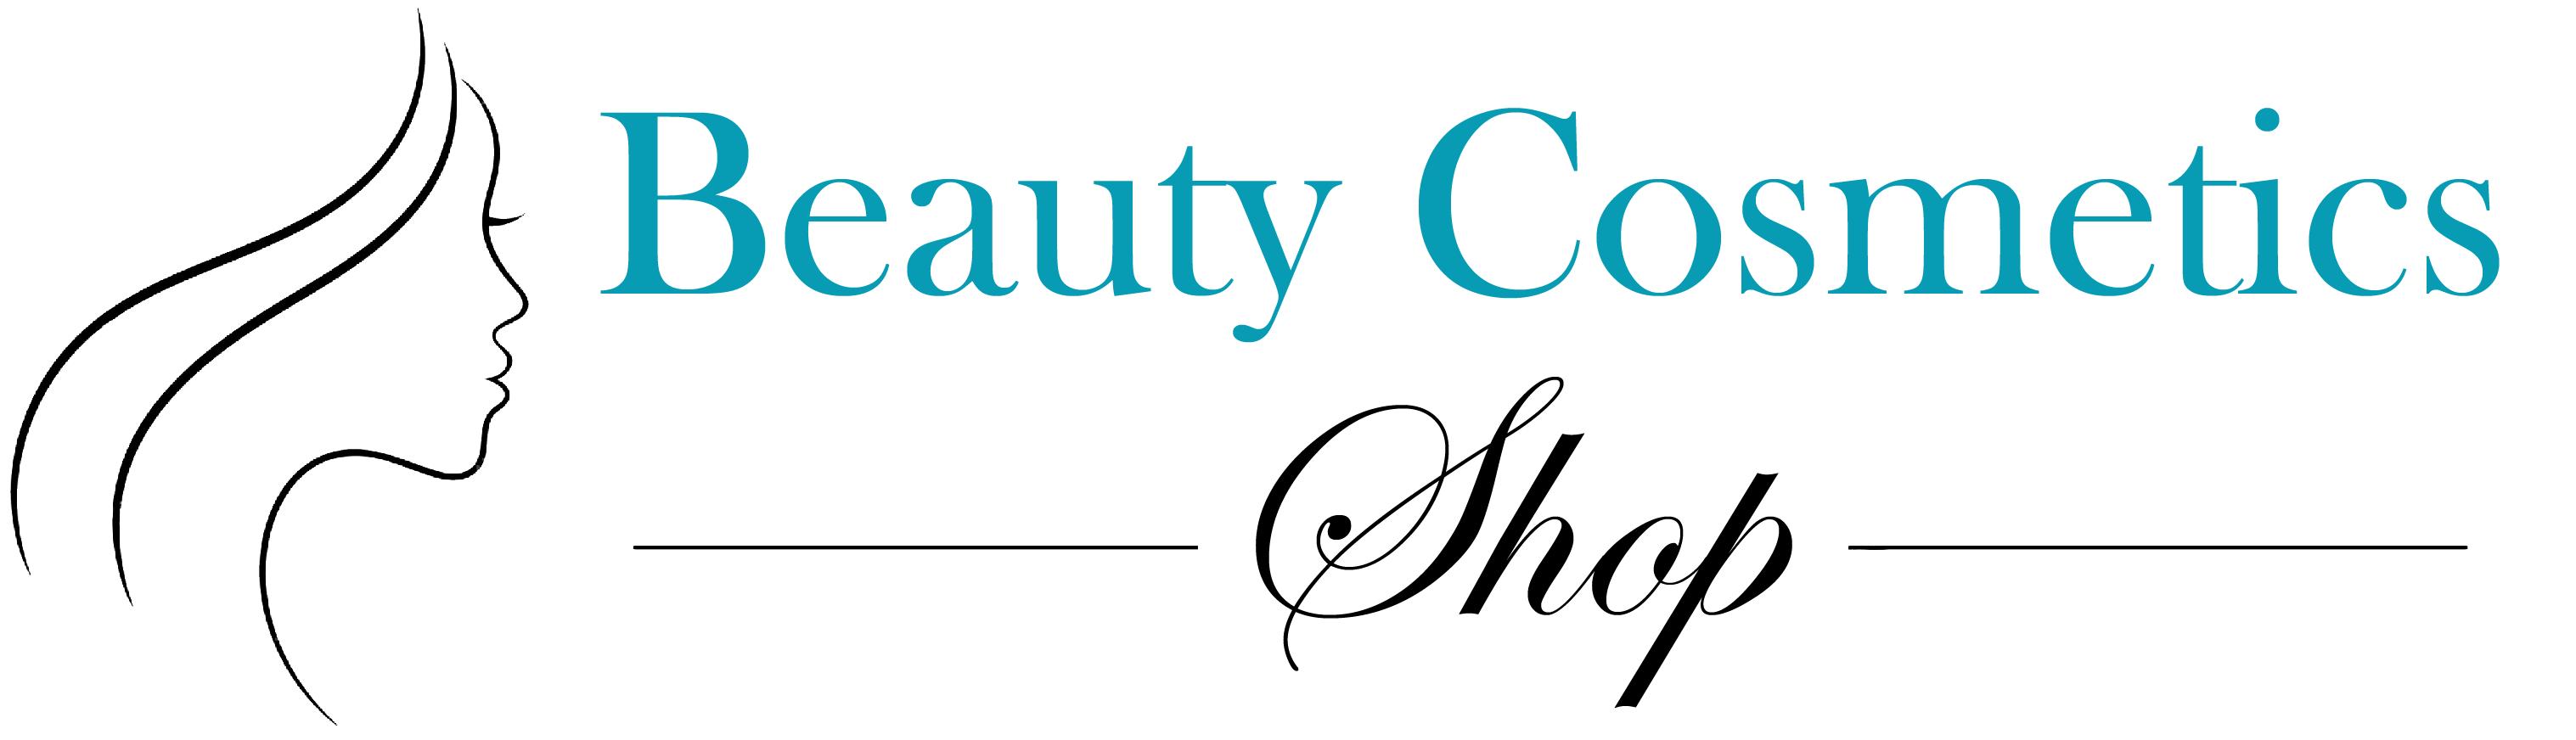 BC Shop